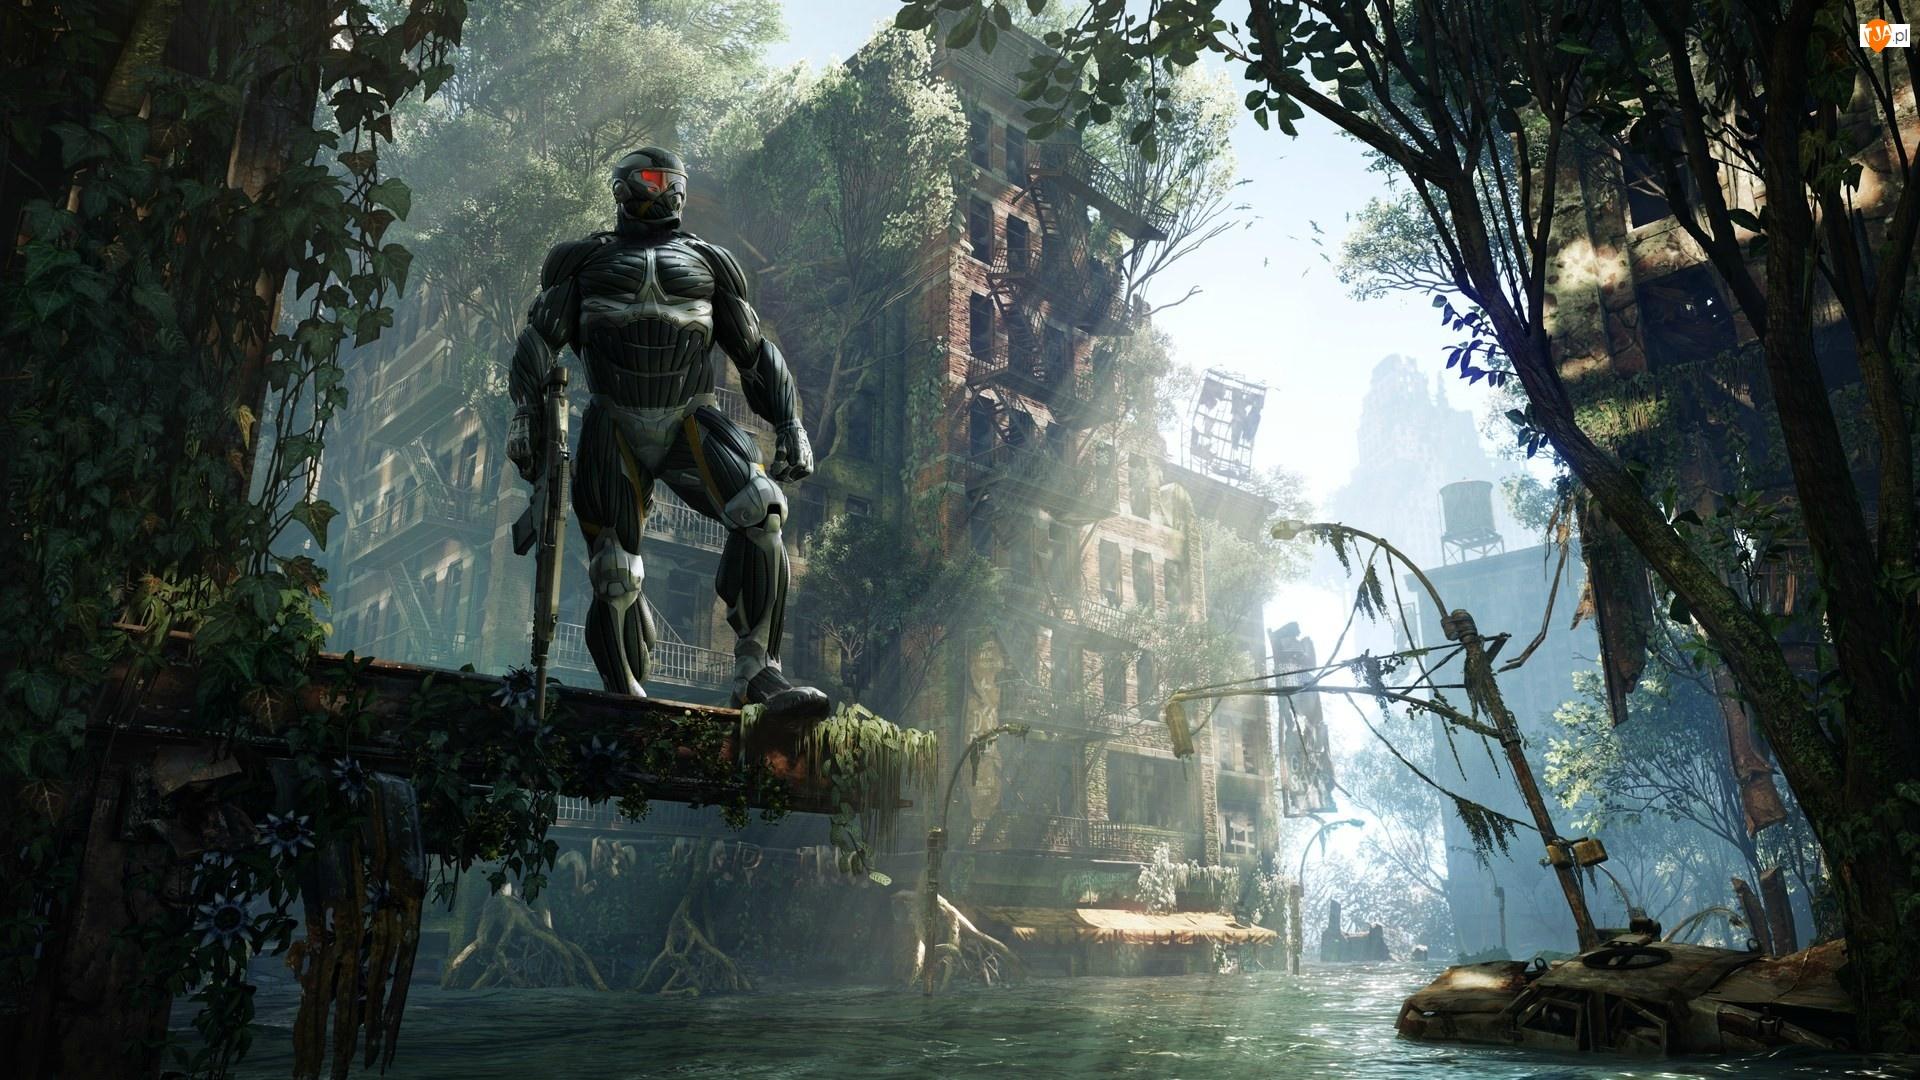 Drzewa, Crysis 3, Postać, Uzbrojona, Woda